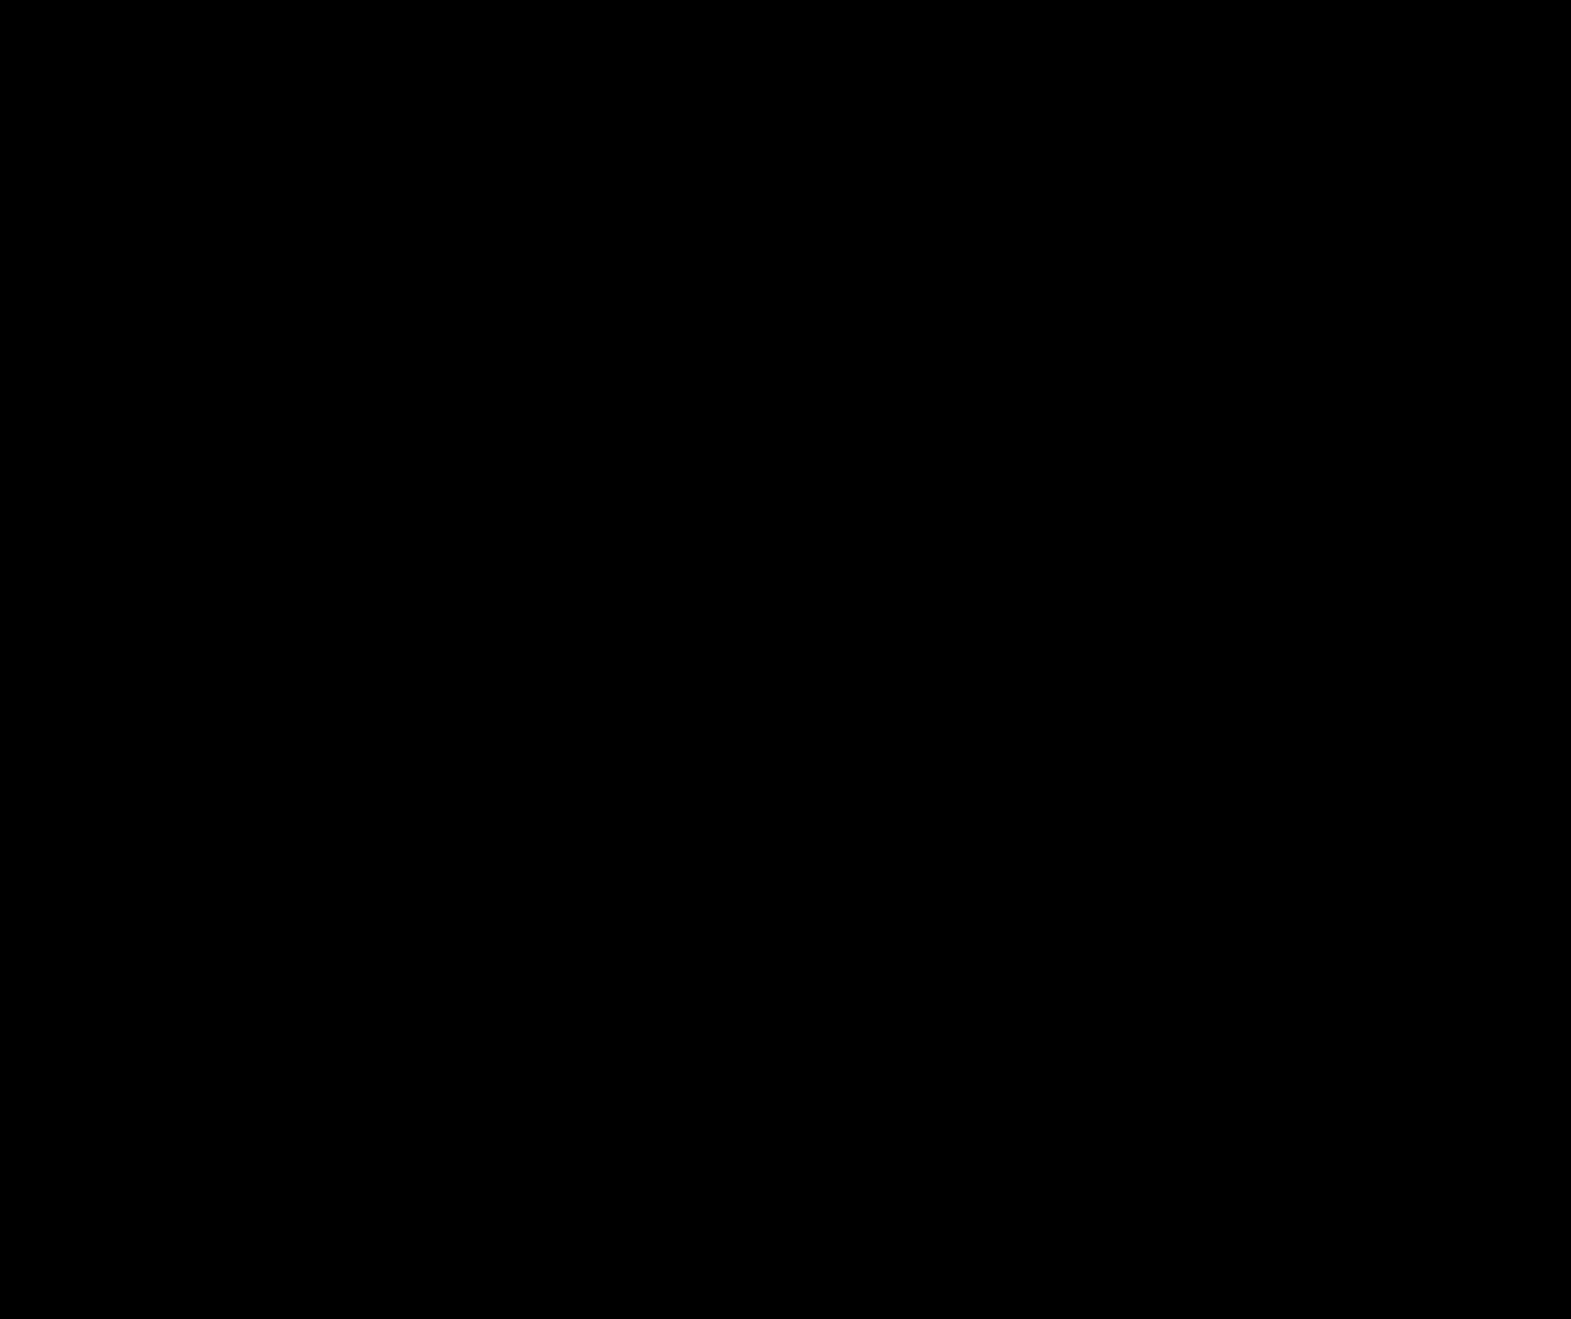 hiwayfund-pattern-black.png